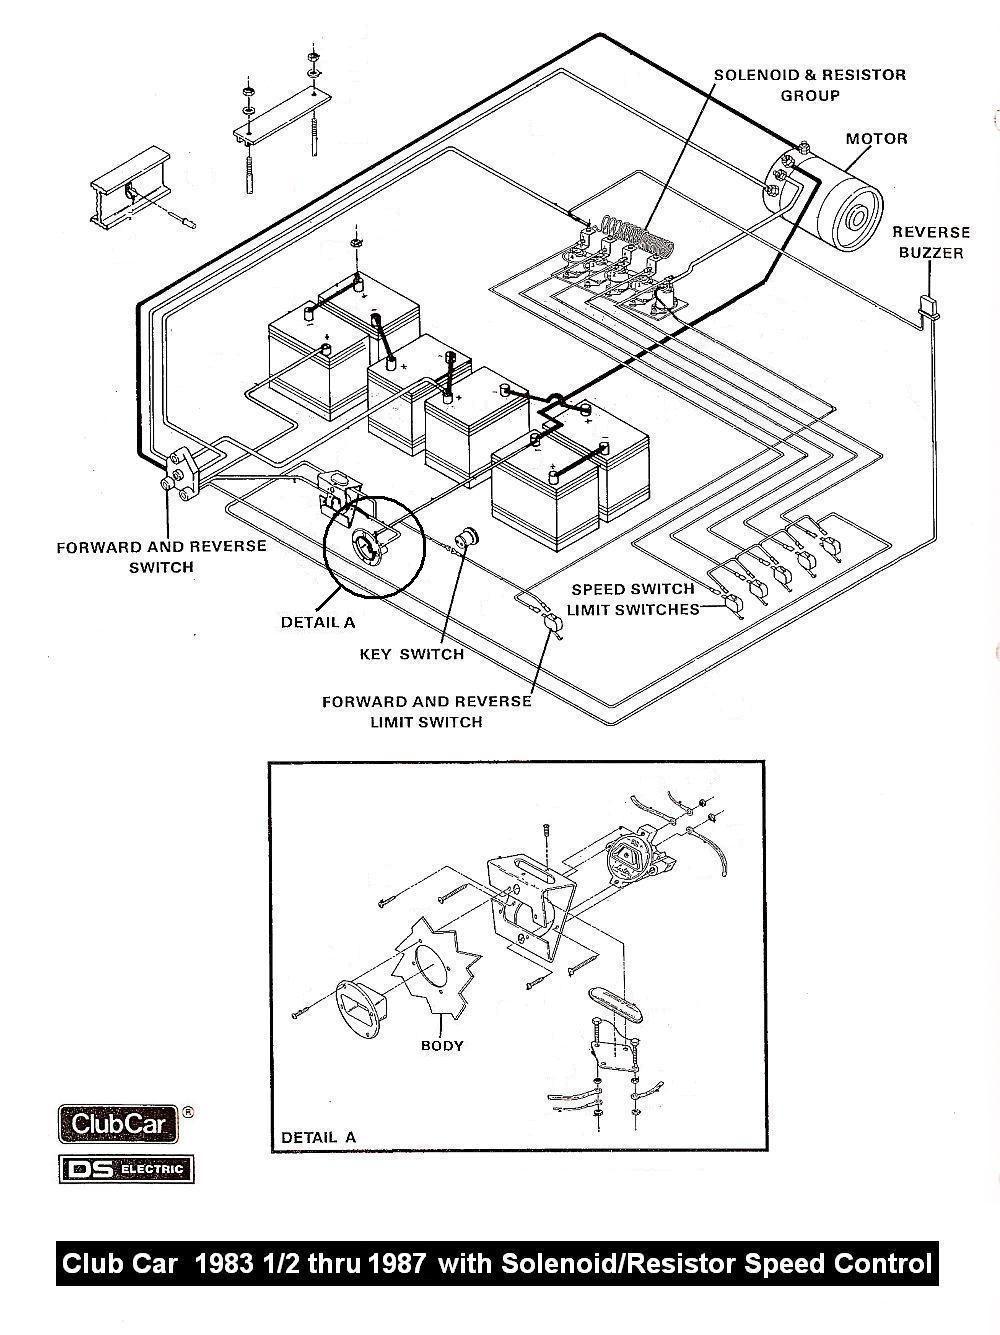 1987 club car electrical diagram